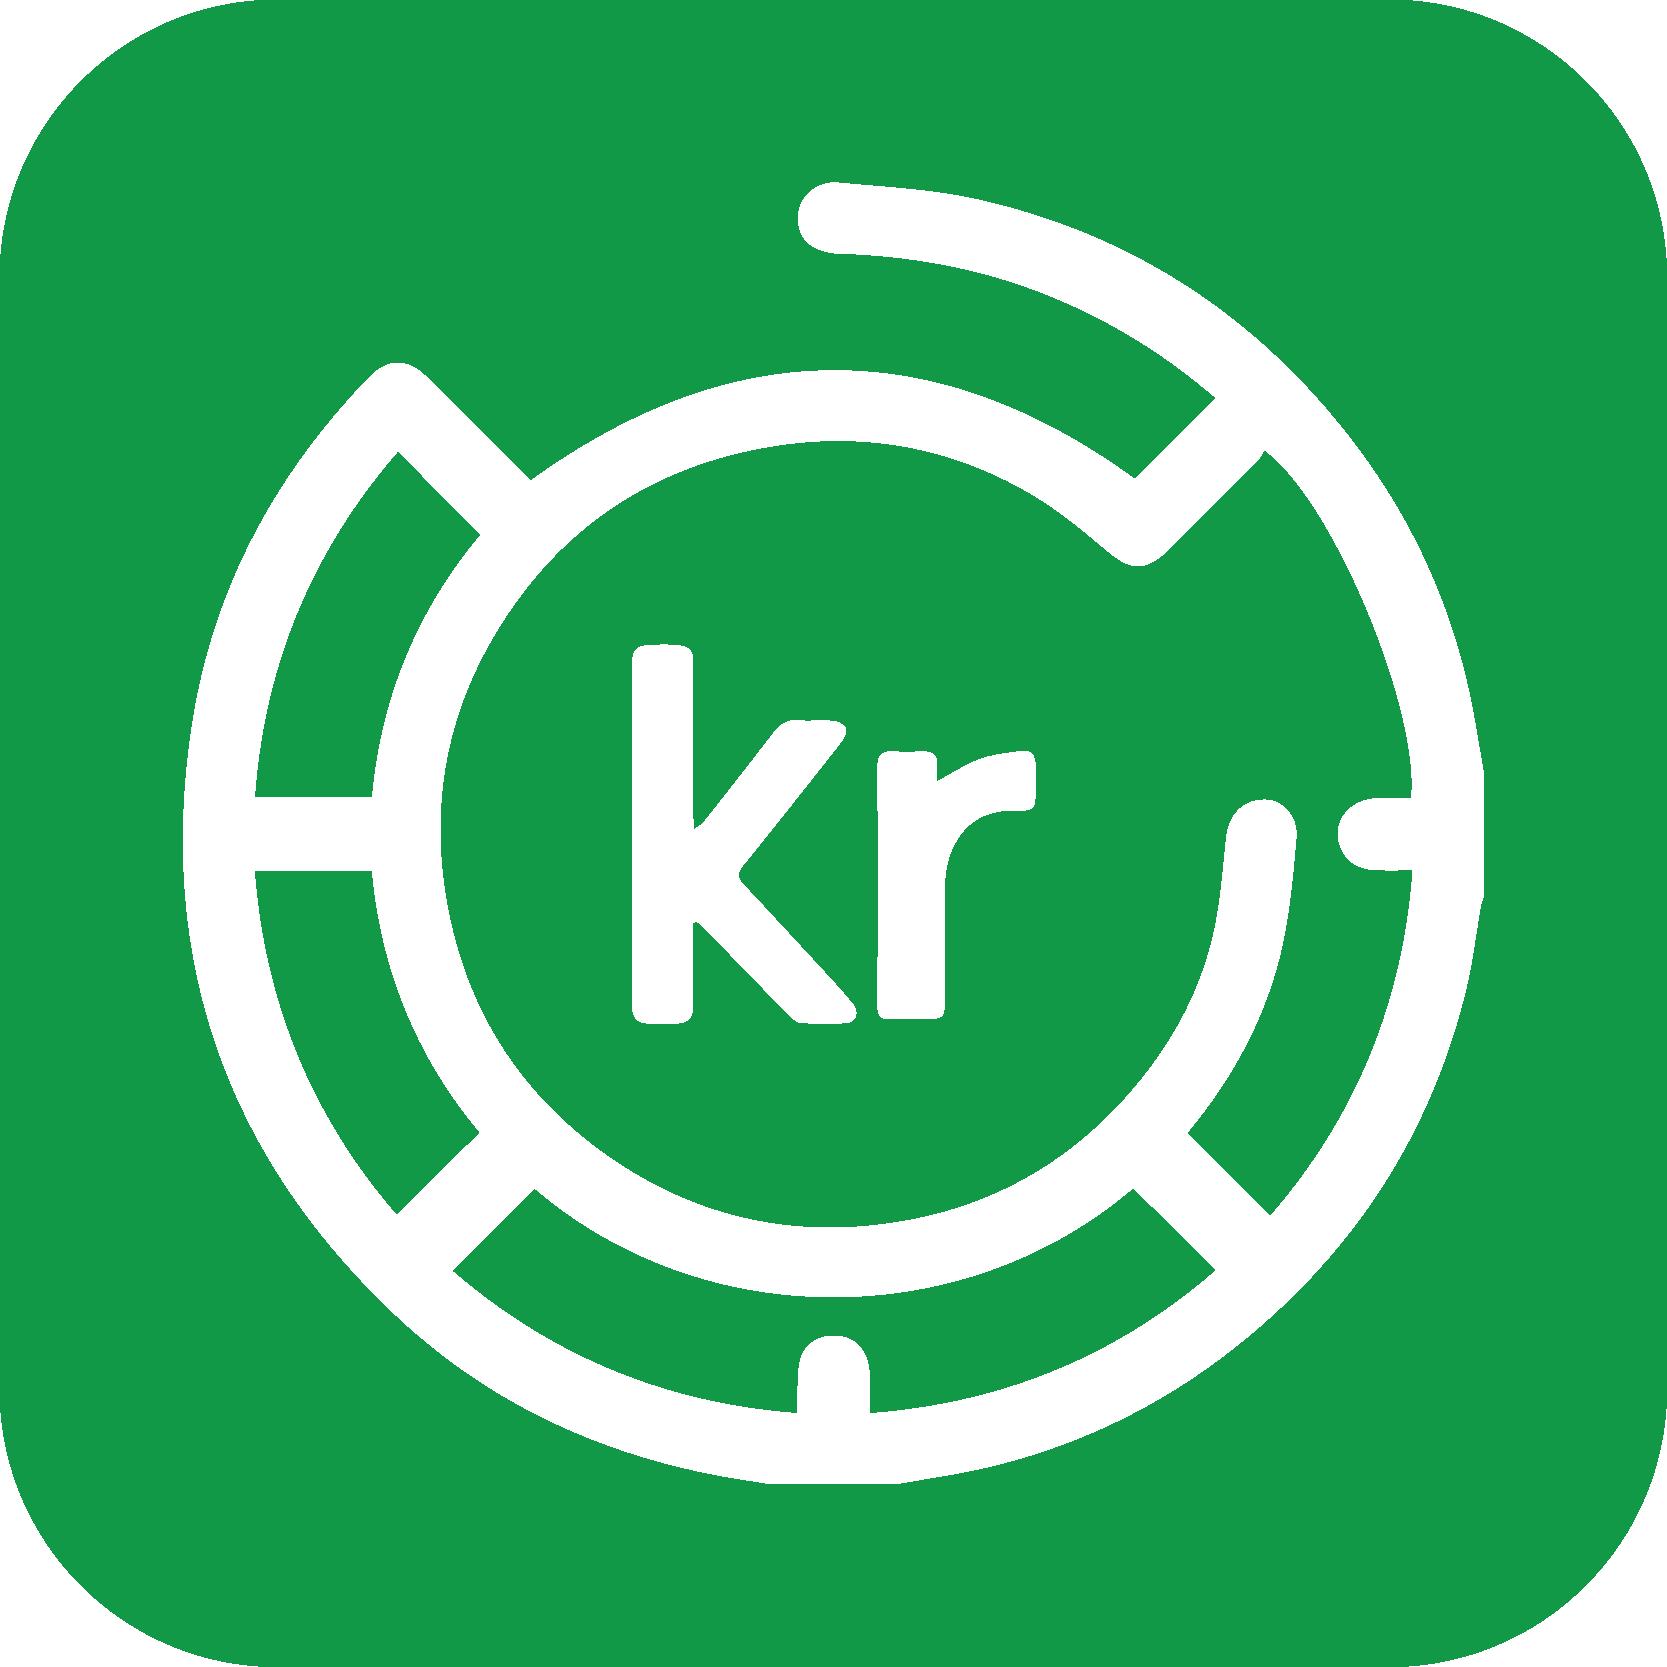 Opkrævninger ikon grøn